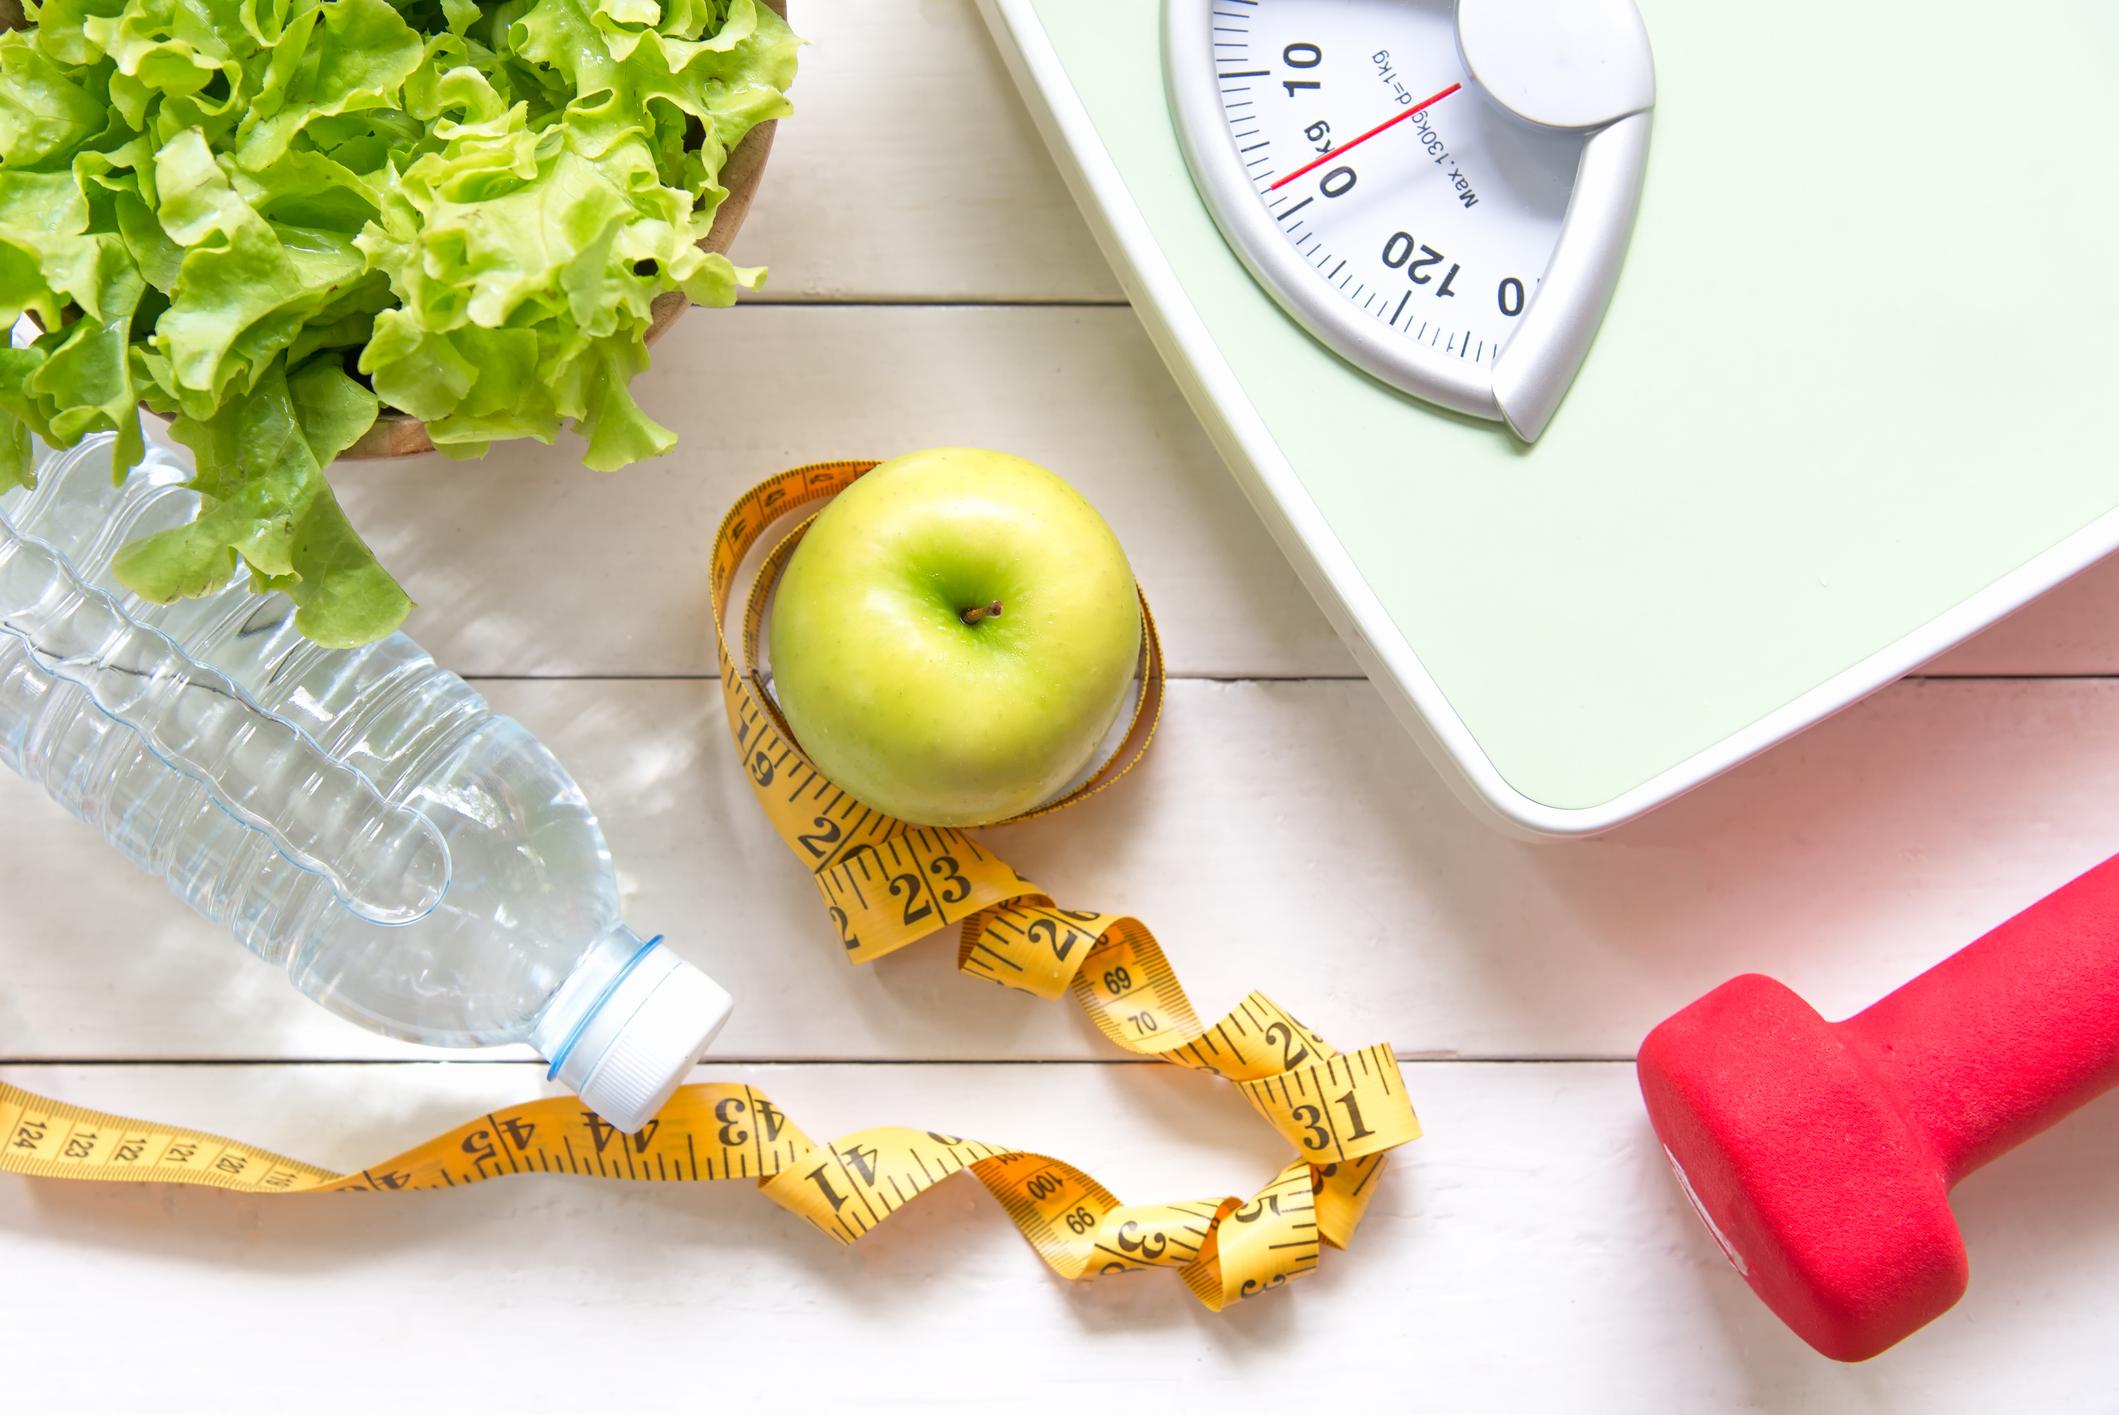 A alimentação saudável e a prática de exercícios proporcionam muitos benefícios ao organismo. Saiba como as mudanças no estilo de vida afetam a sua saúde!